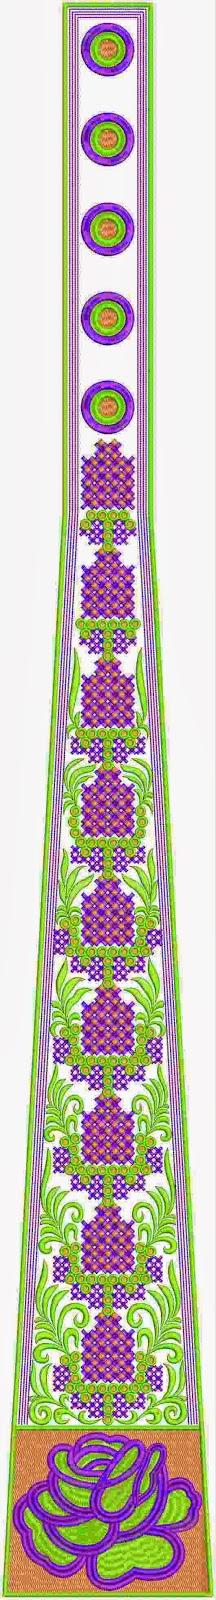 Persiese ornament werk kali appliekwerk